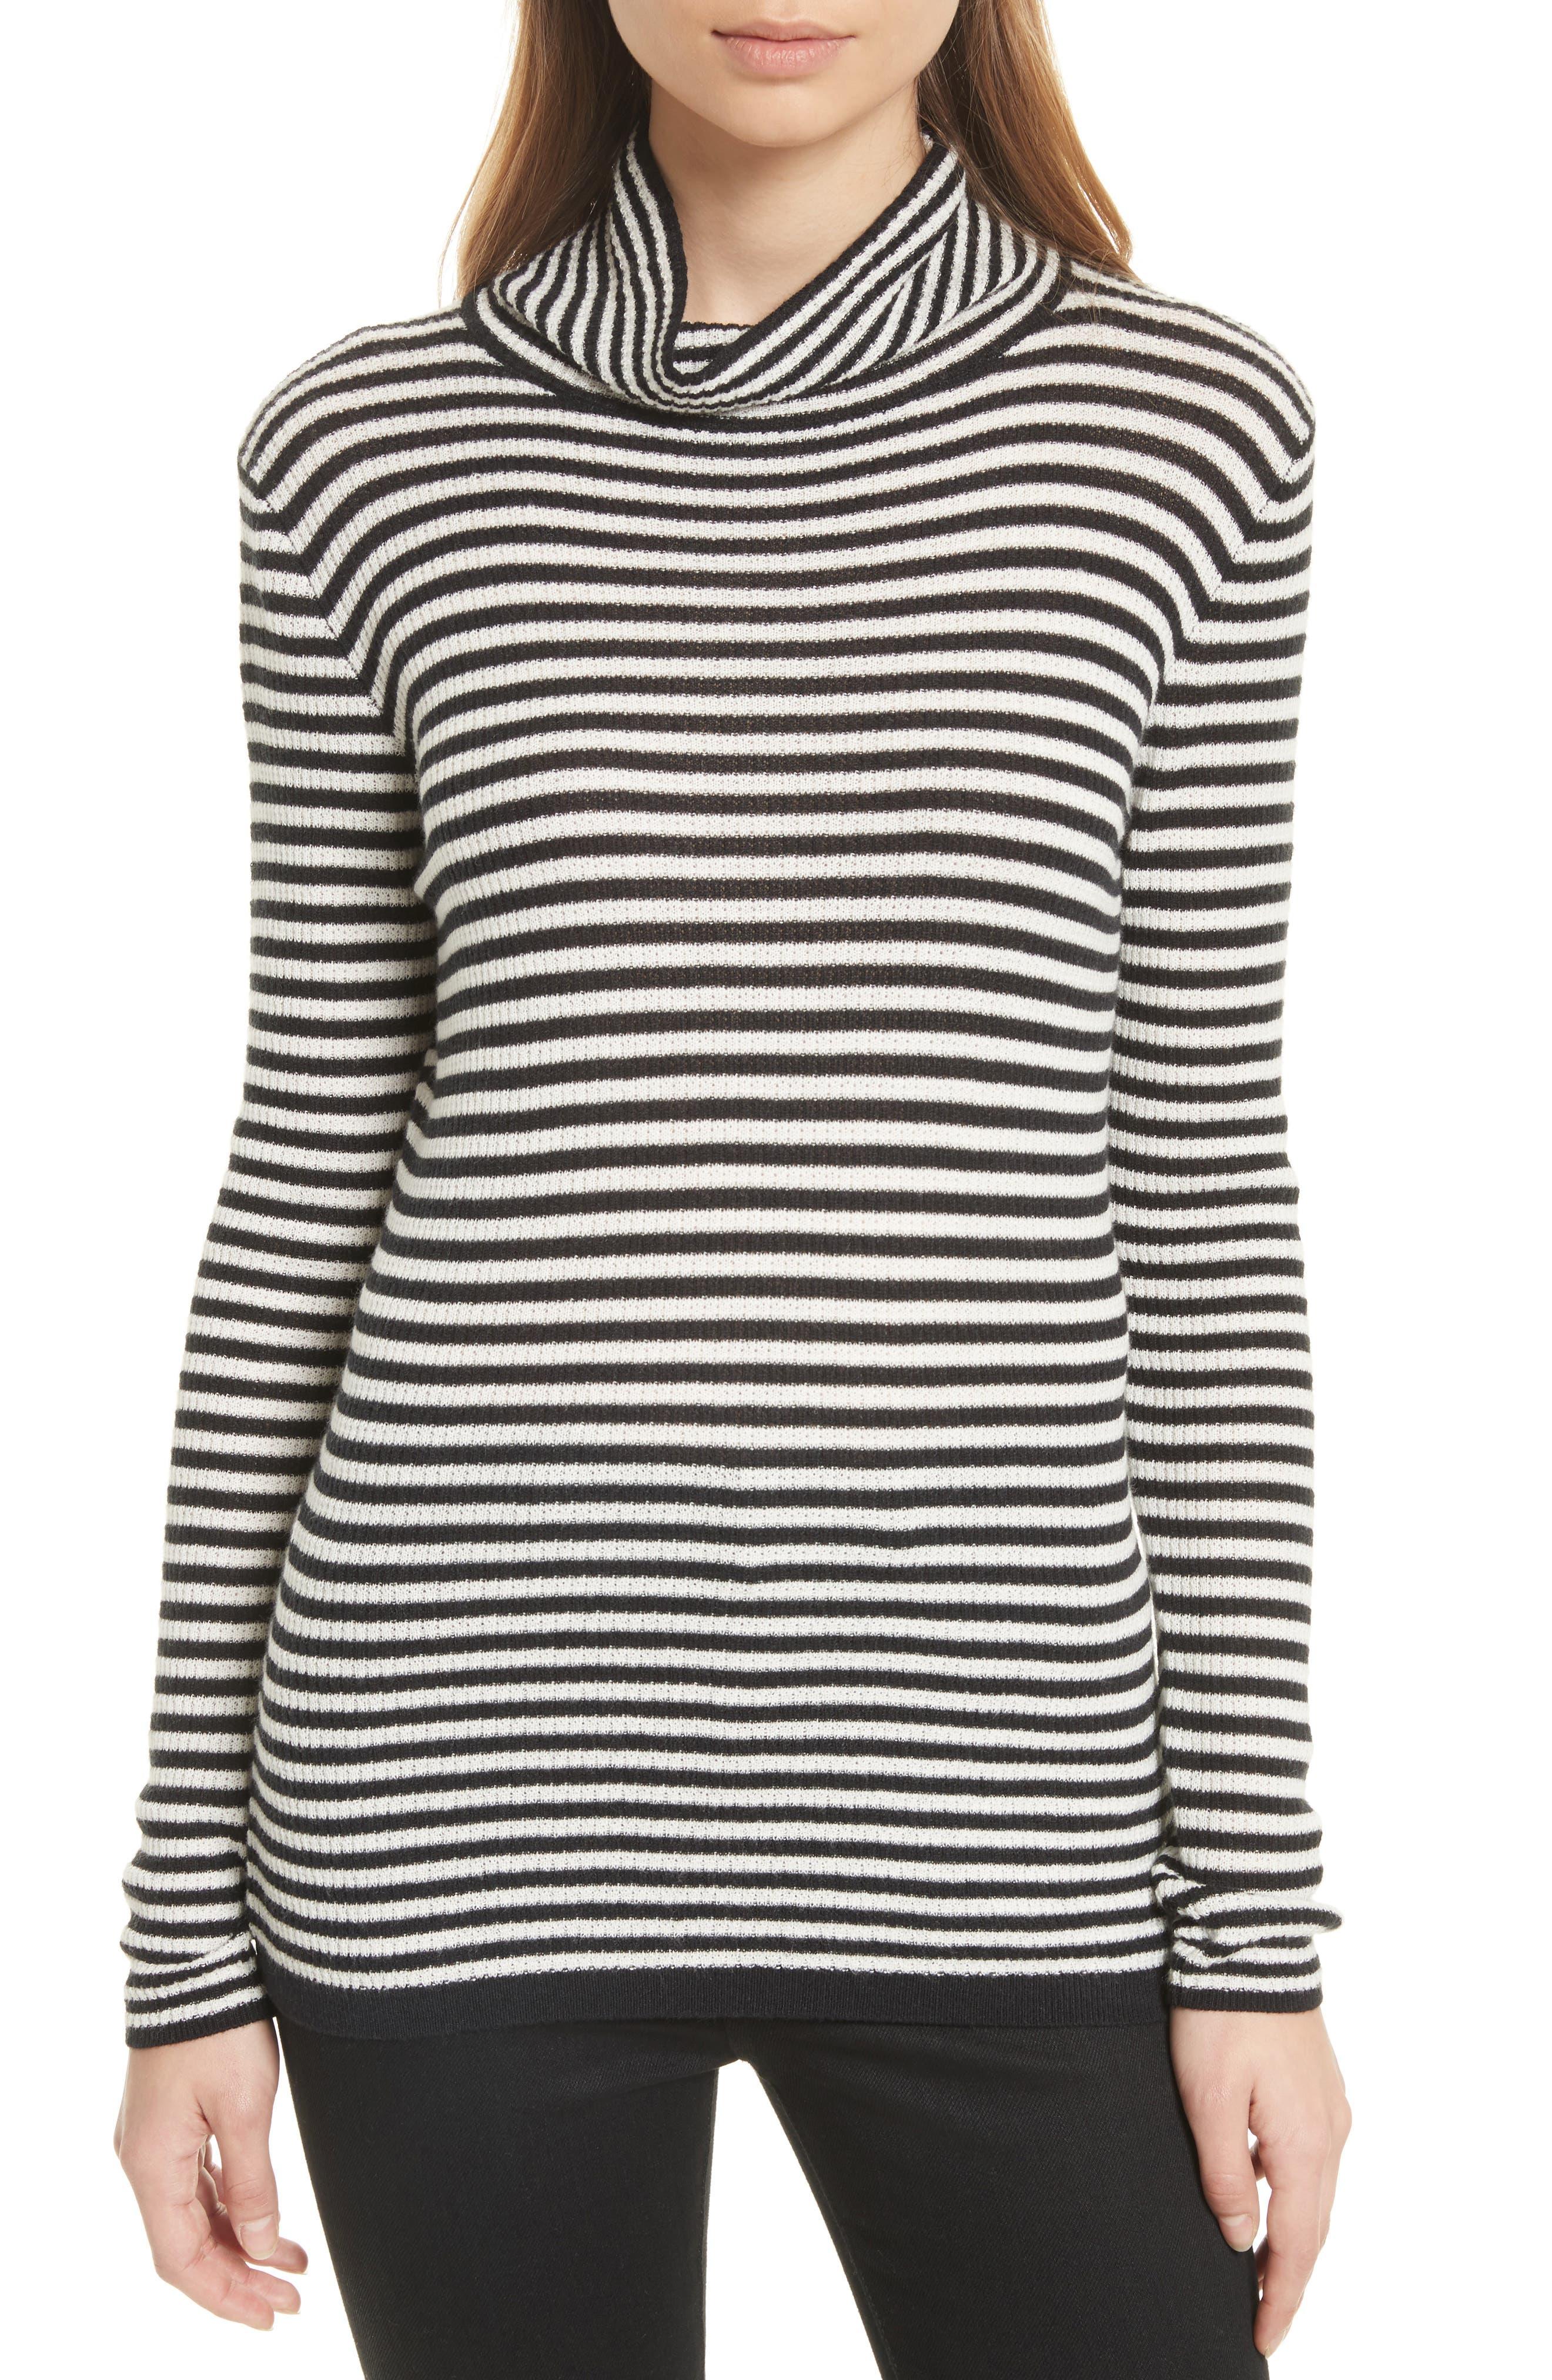 Soft Joie Zelene Stripe Cowl Neck Sweater